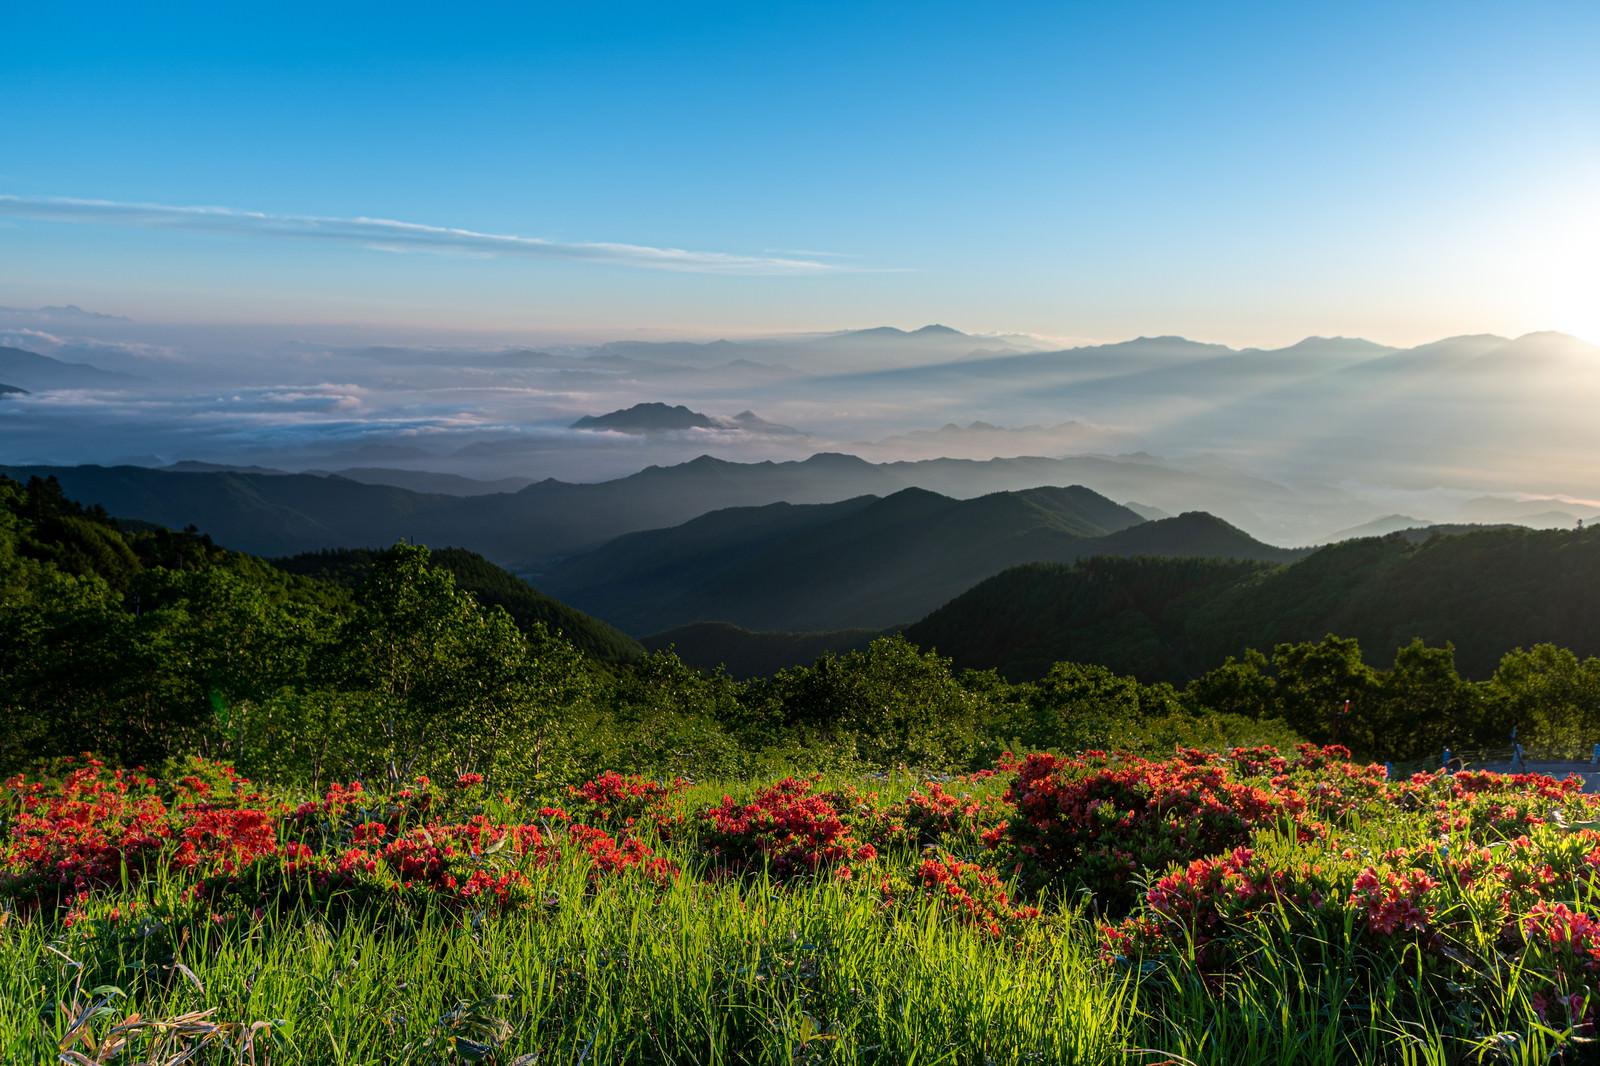 「朝日に照らされる山並みと山ツツジ」の写真